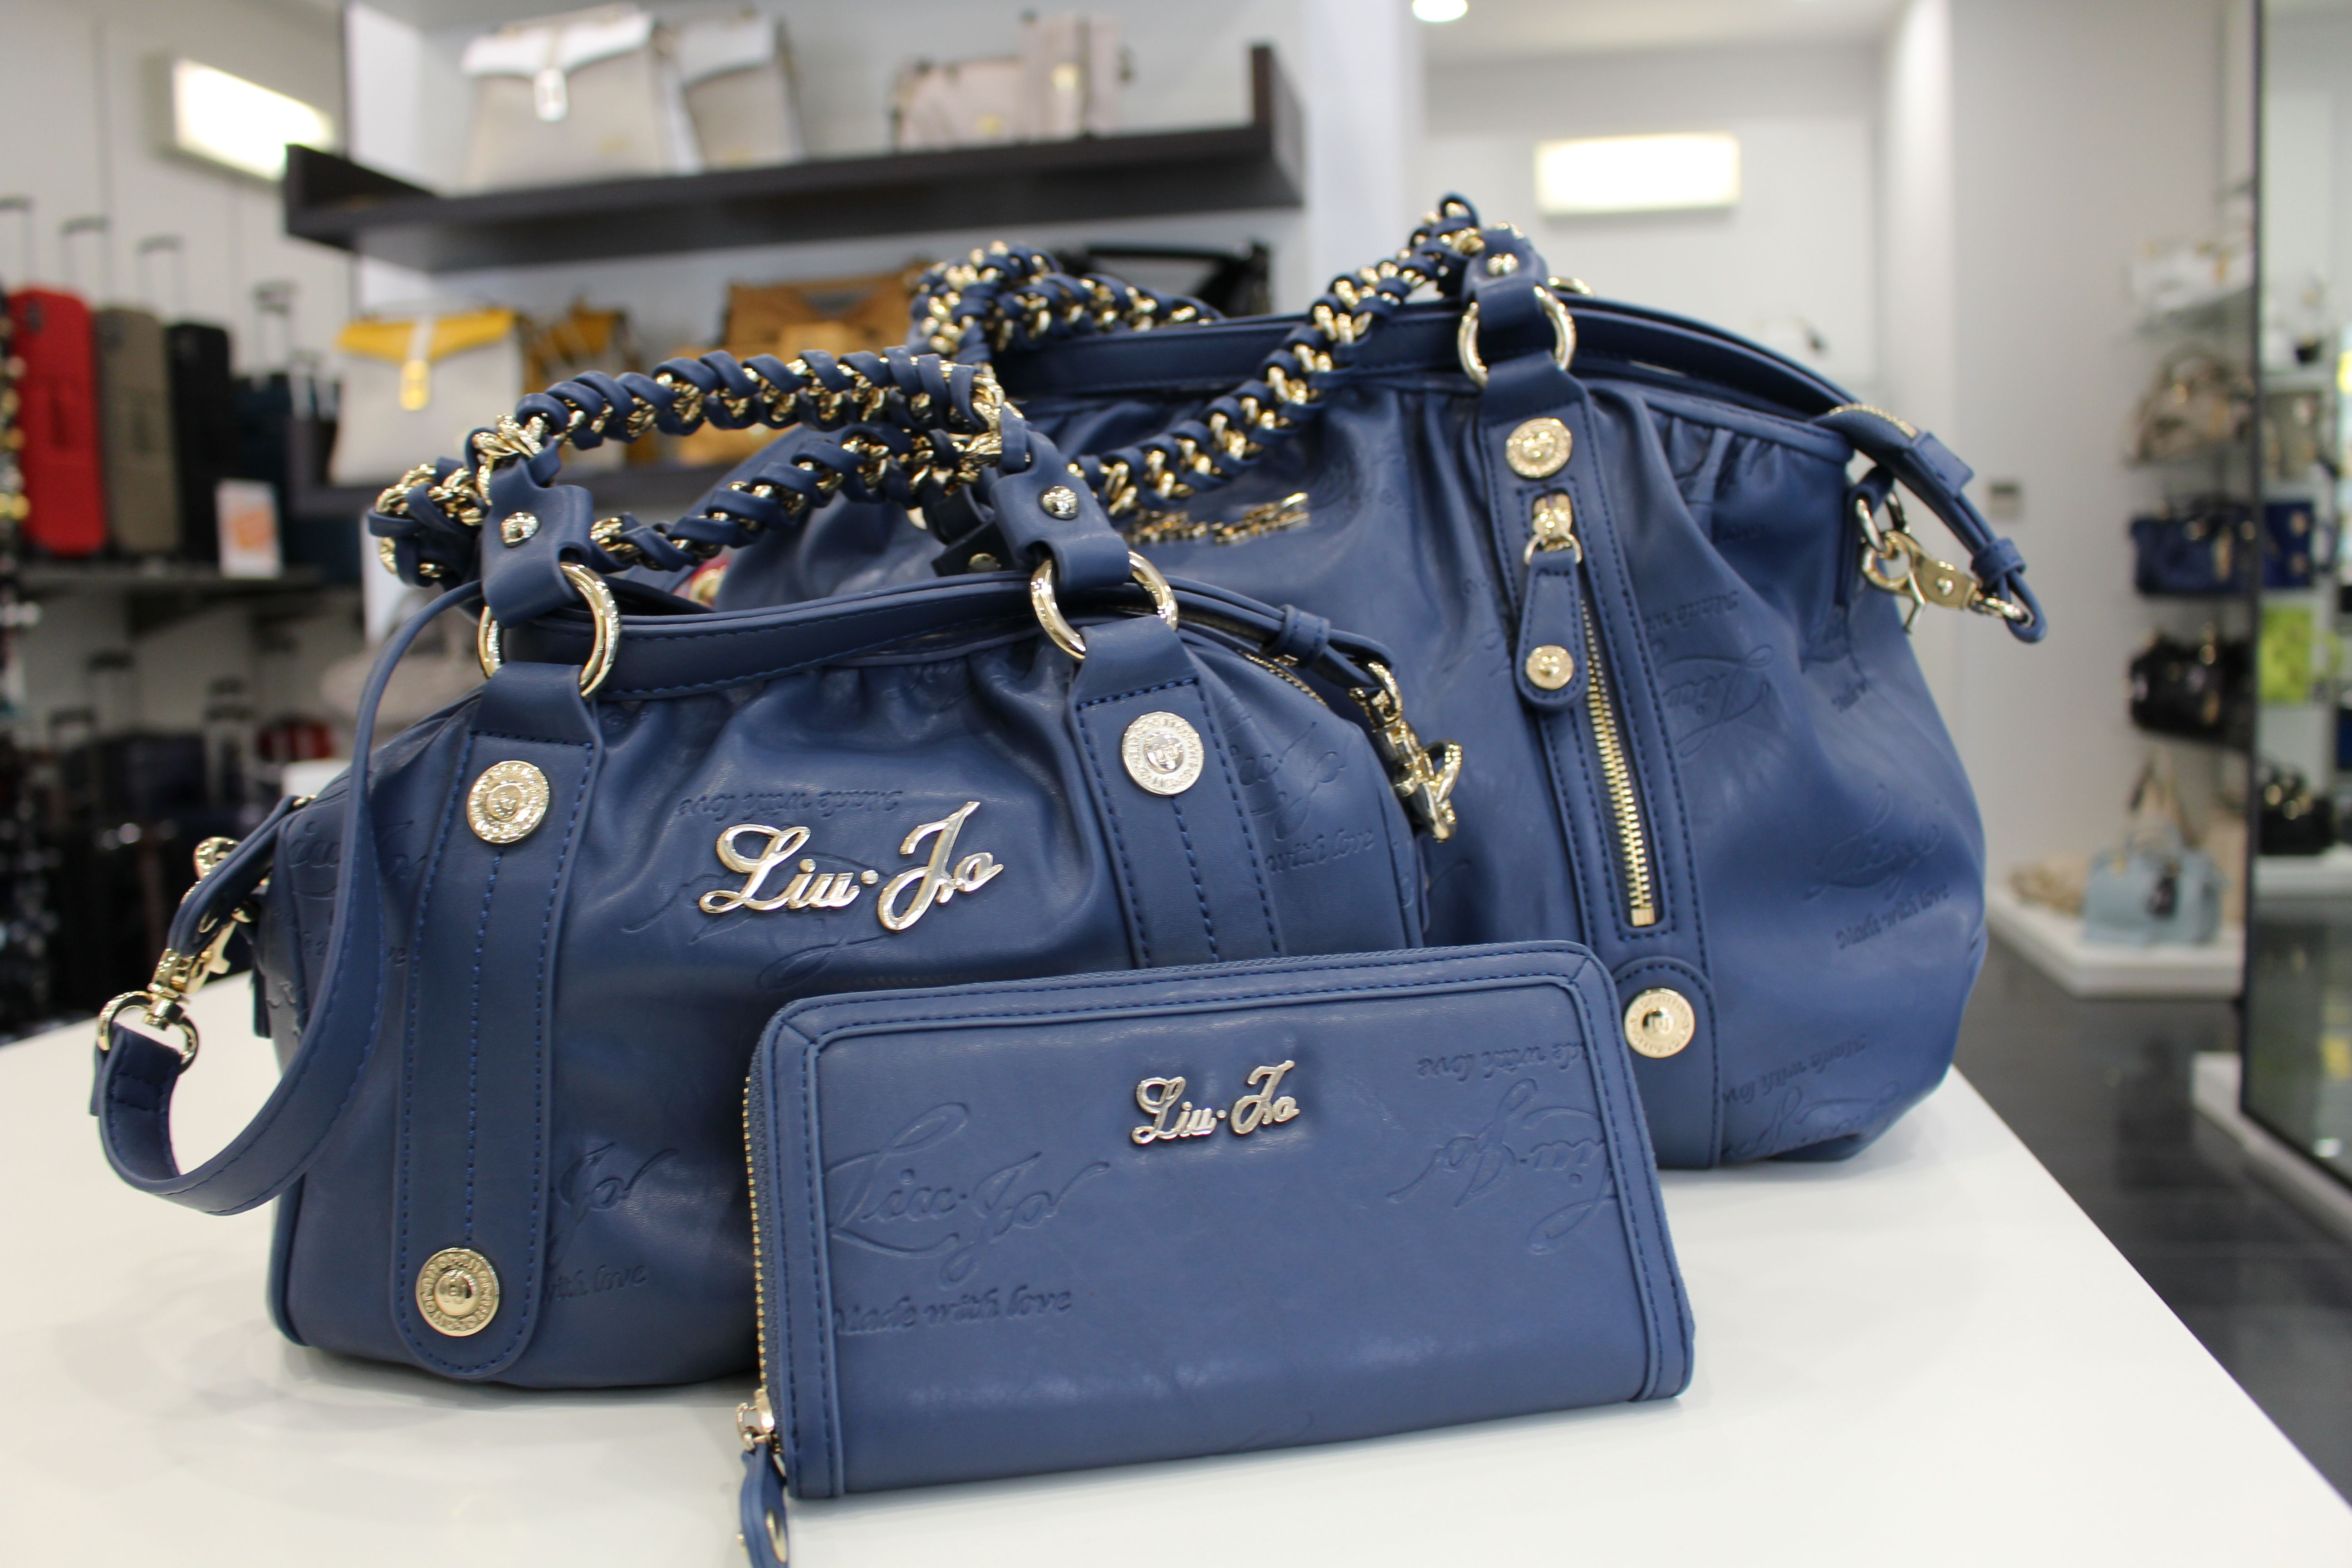 La famosissima #kate bag di Liu Jo, la borsa che ha fatto